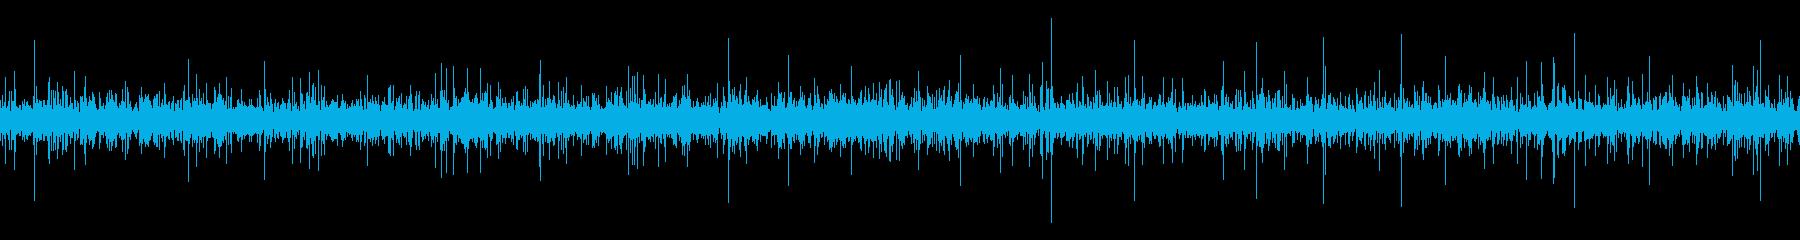 川のせせらぎ(小川)C(ループ再生可)の再生済みの波形